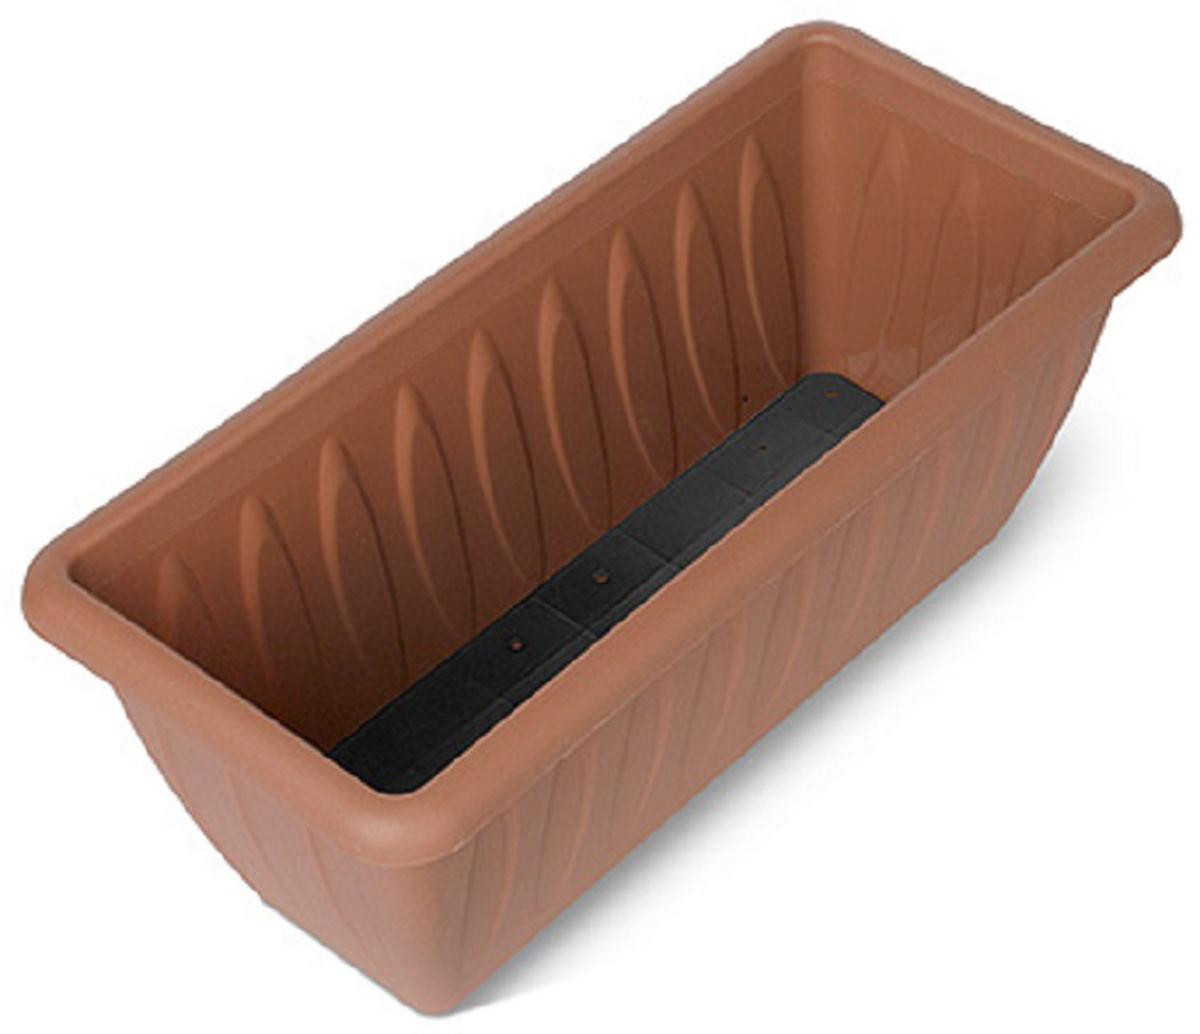 Балконный ящик Martika Фелиция, с дренажной решеткой, 40 х 18,3 х 16 смС186-05-ТЕРЯщик для растений с дренажной решеткой